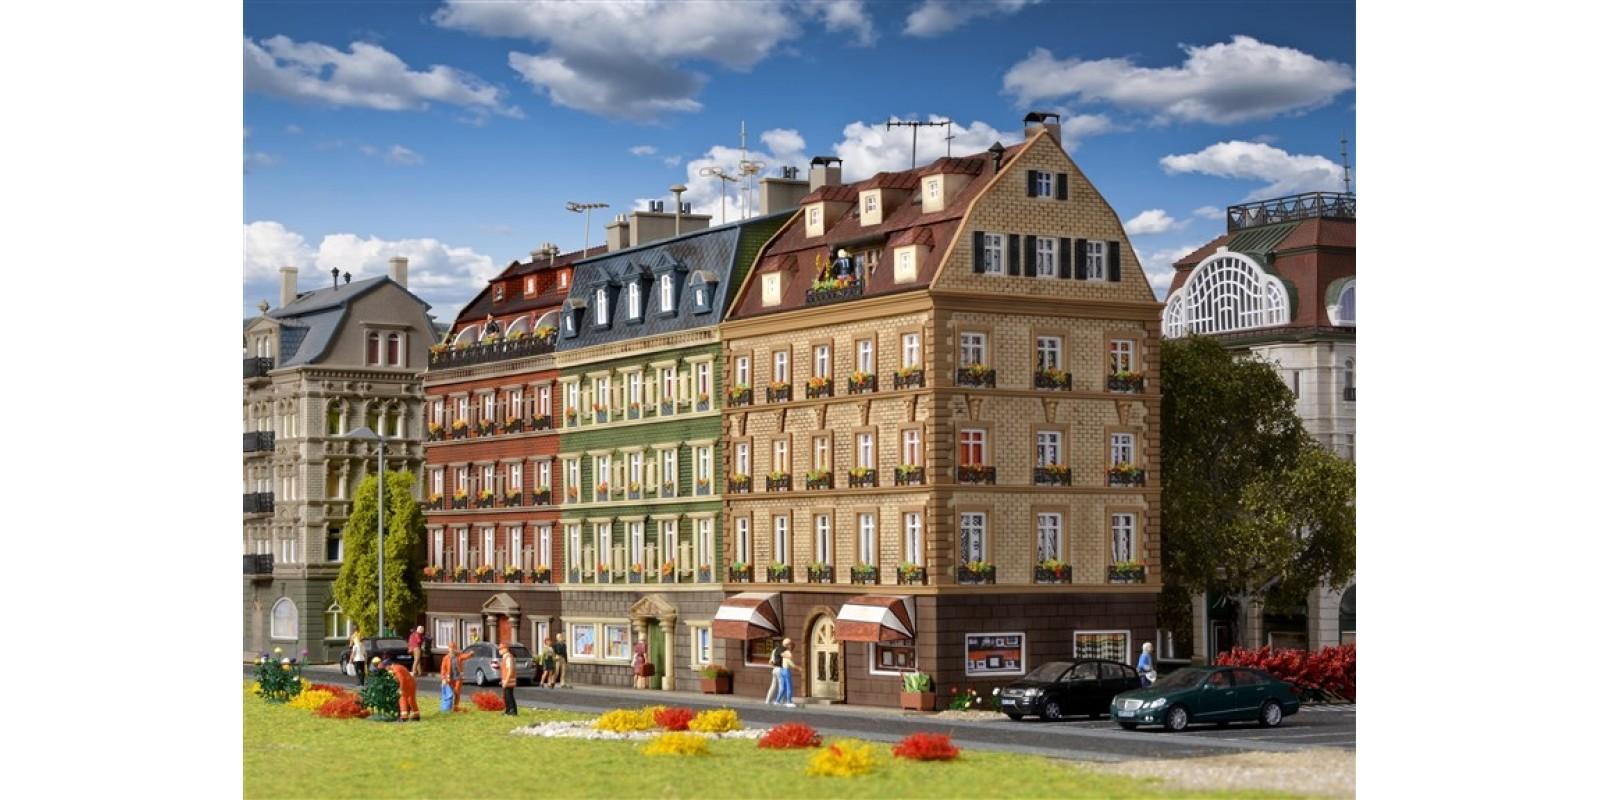 VO43780 H0 Block of houses, 3 buildings